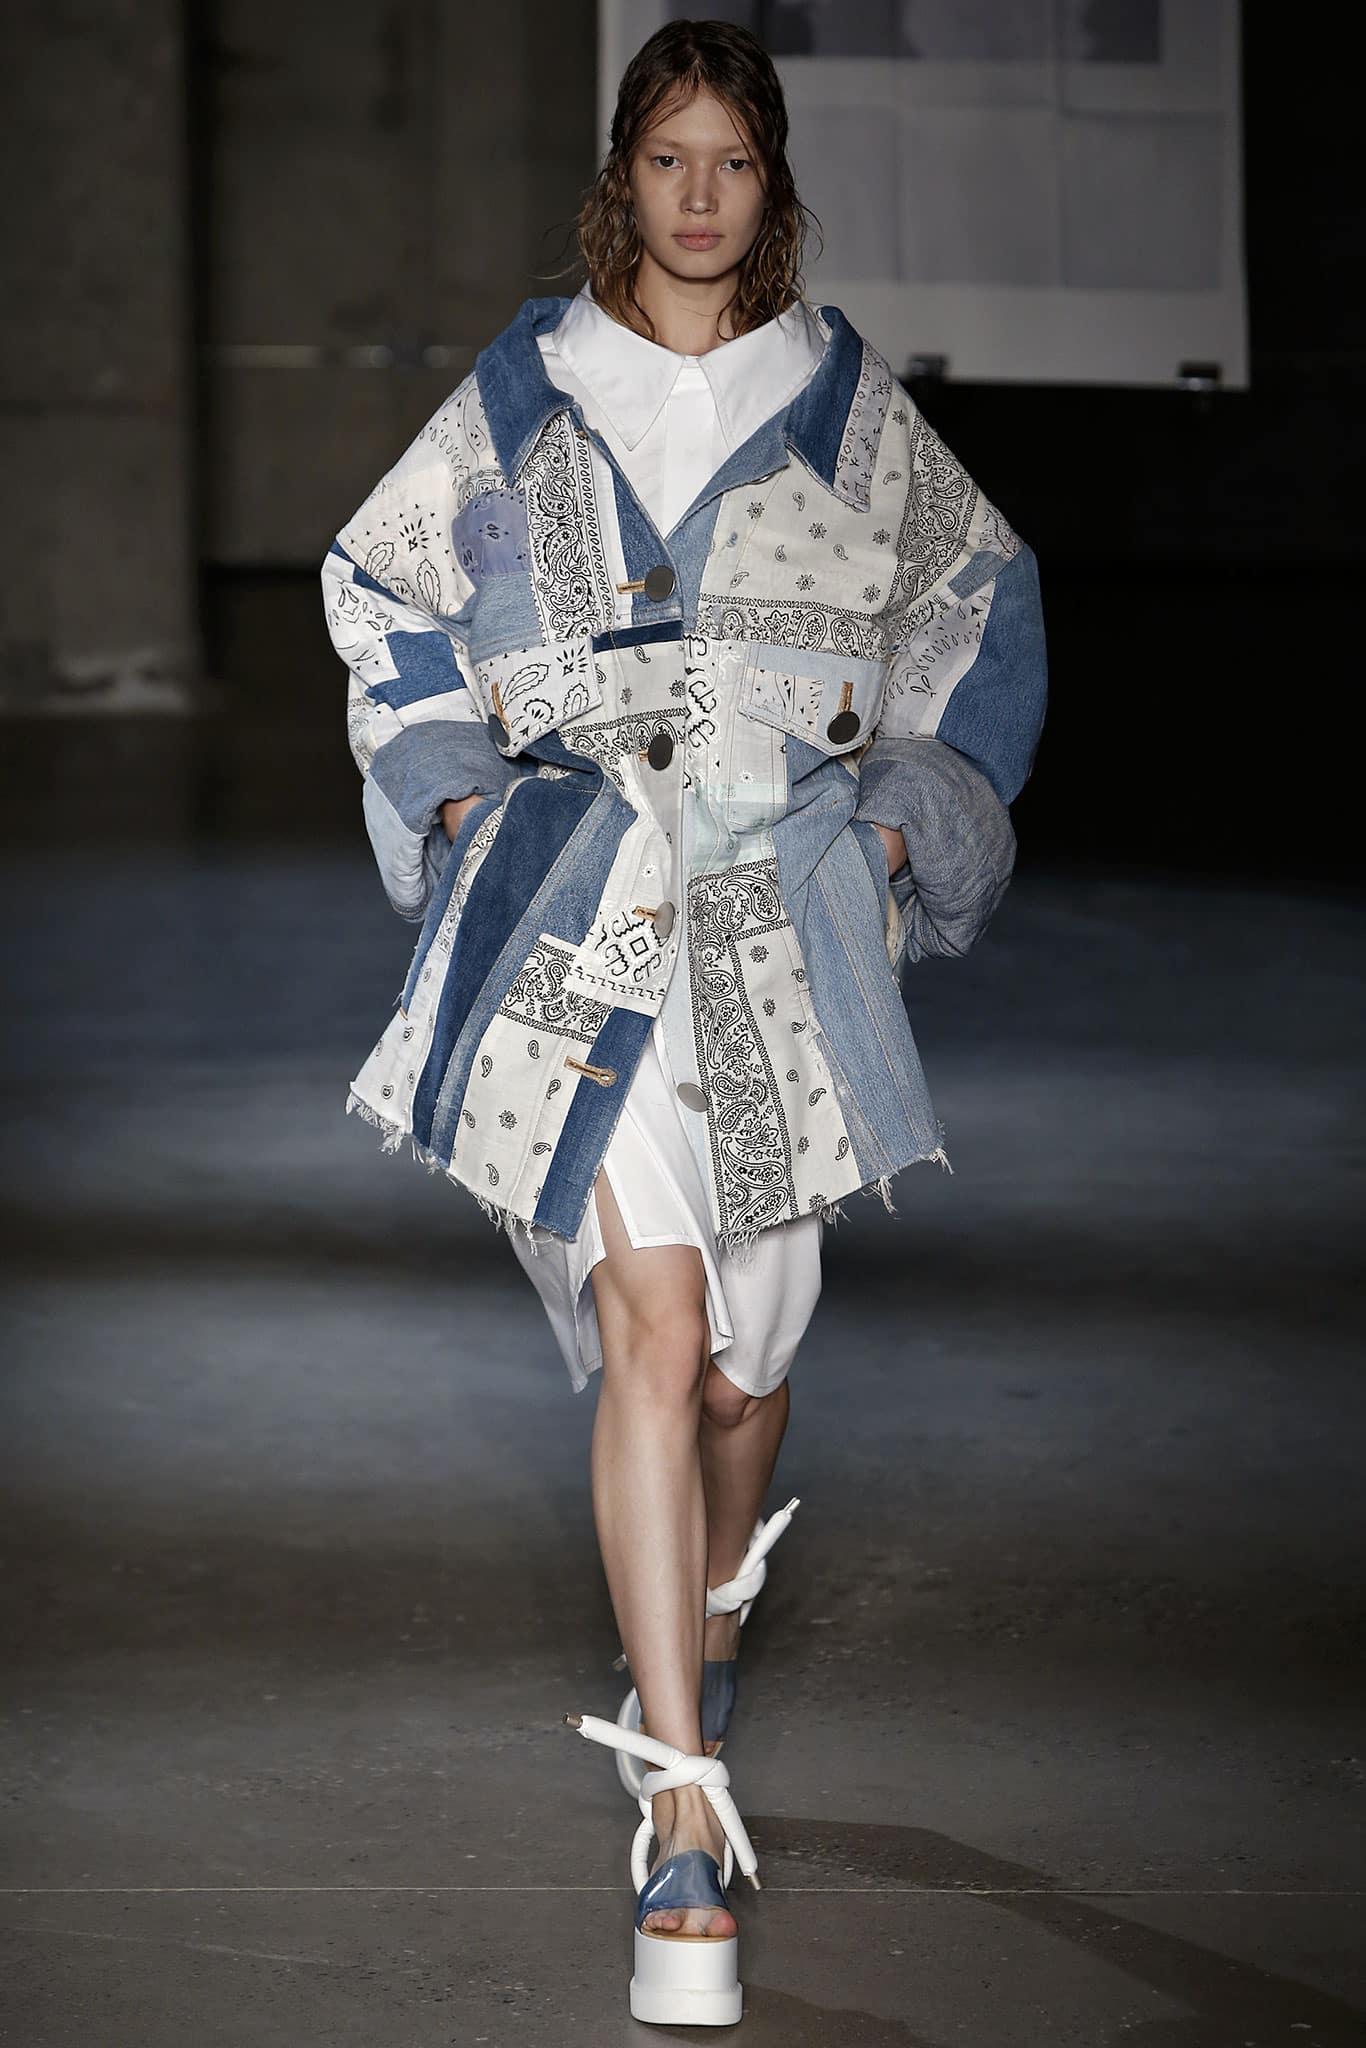 Giacca di Jeans strutturata Margiela, collezione Primavera Estate 2015